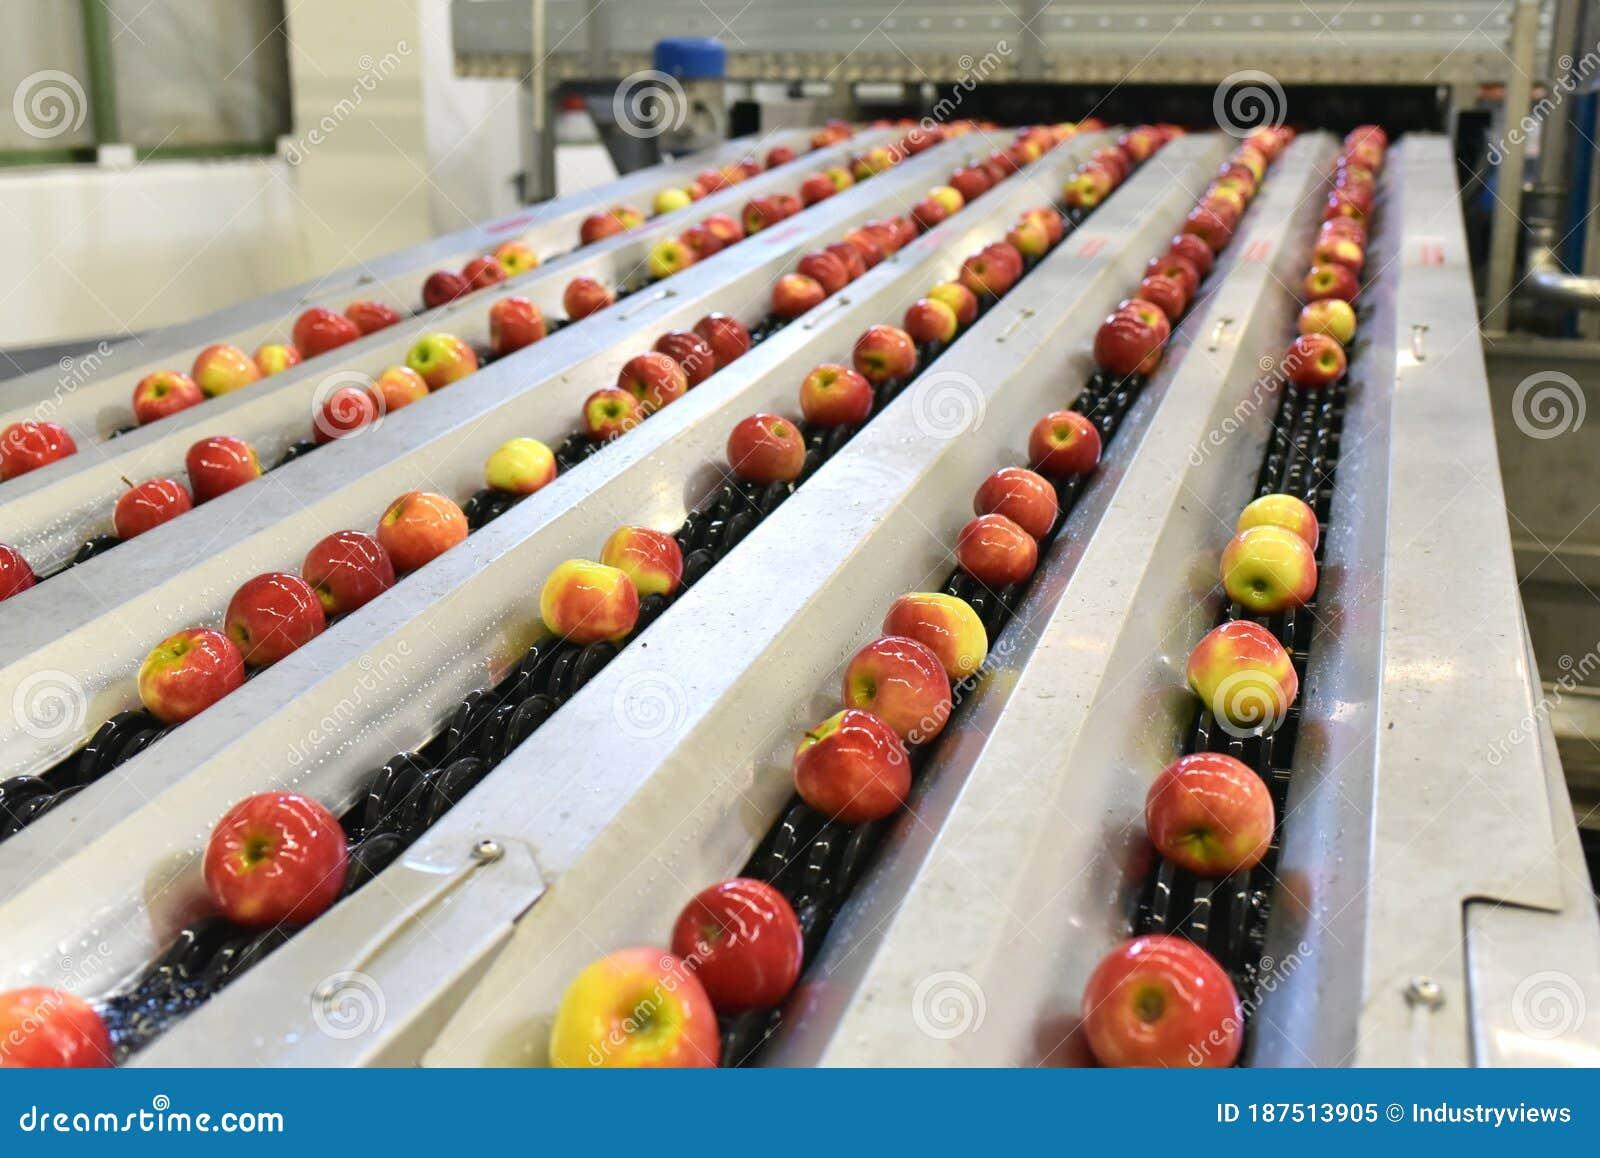 конвейер с яблоками